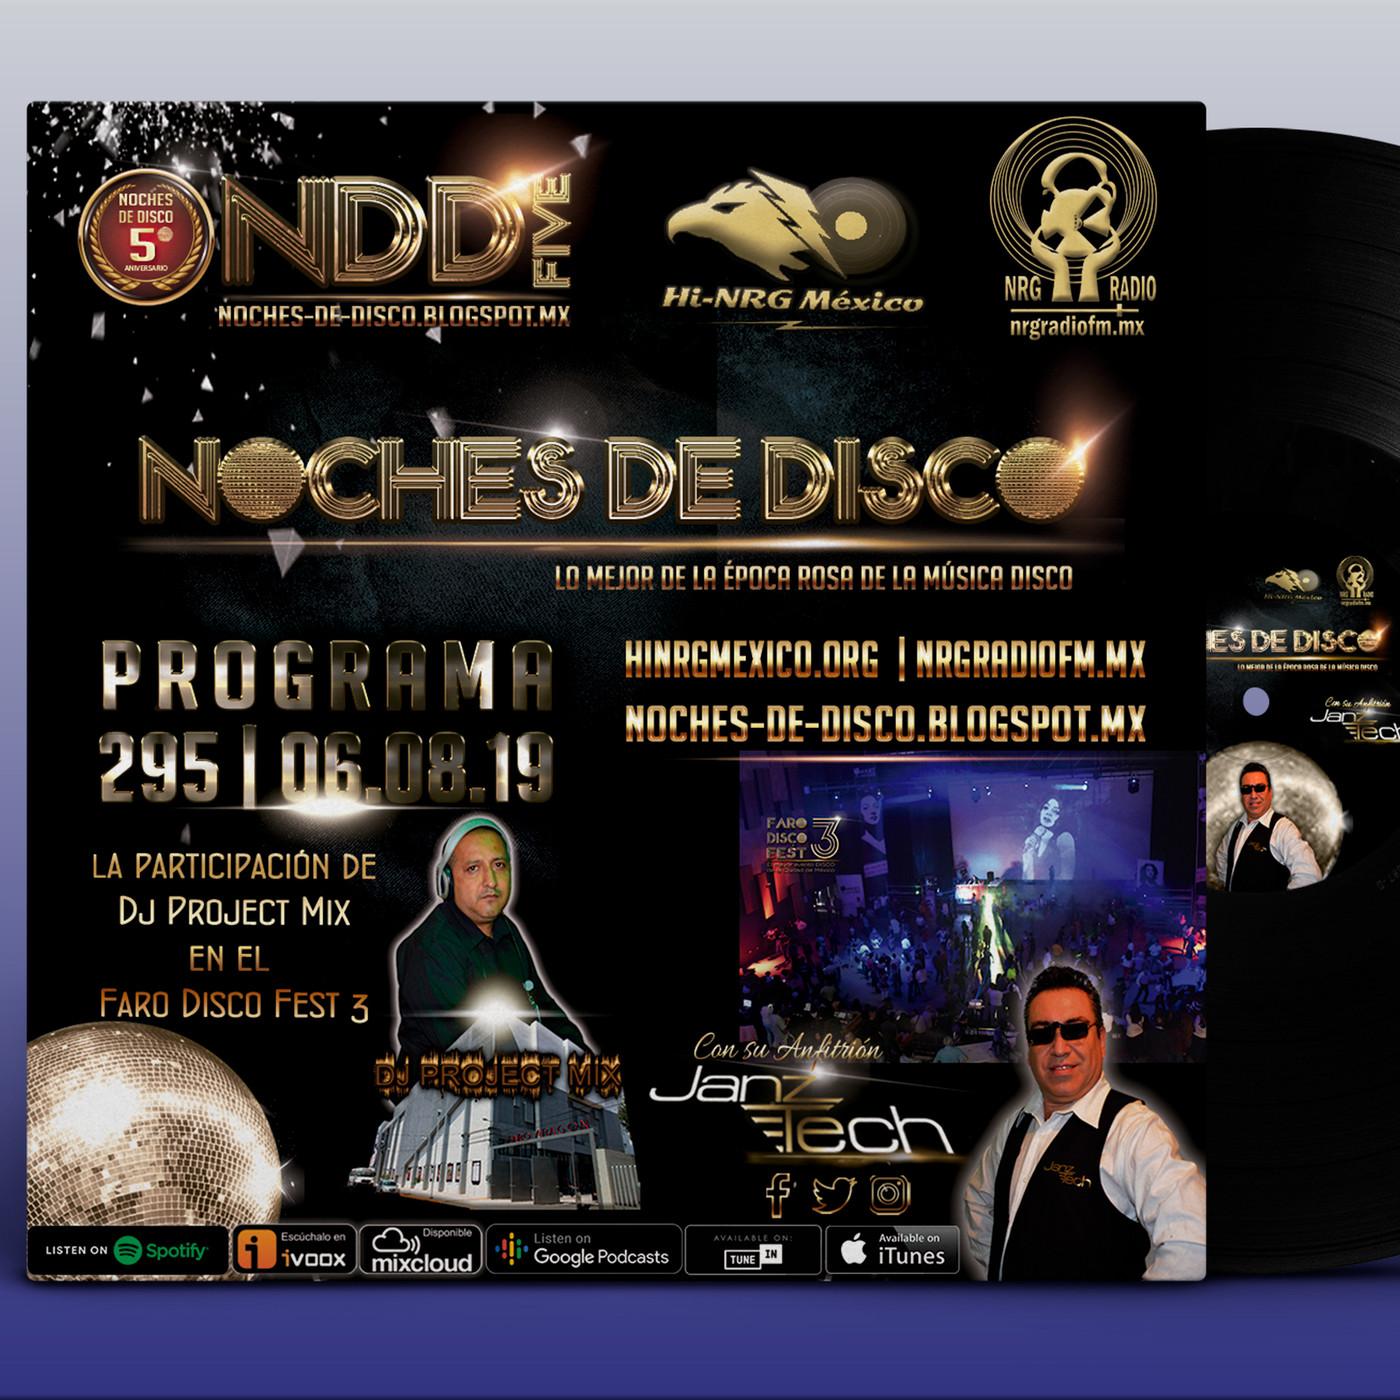 Noches de Disco | Programa 295 en Noches de Disco de NRG Radio FM en